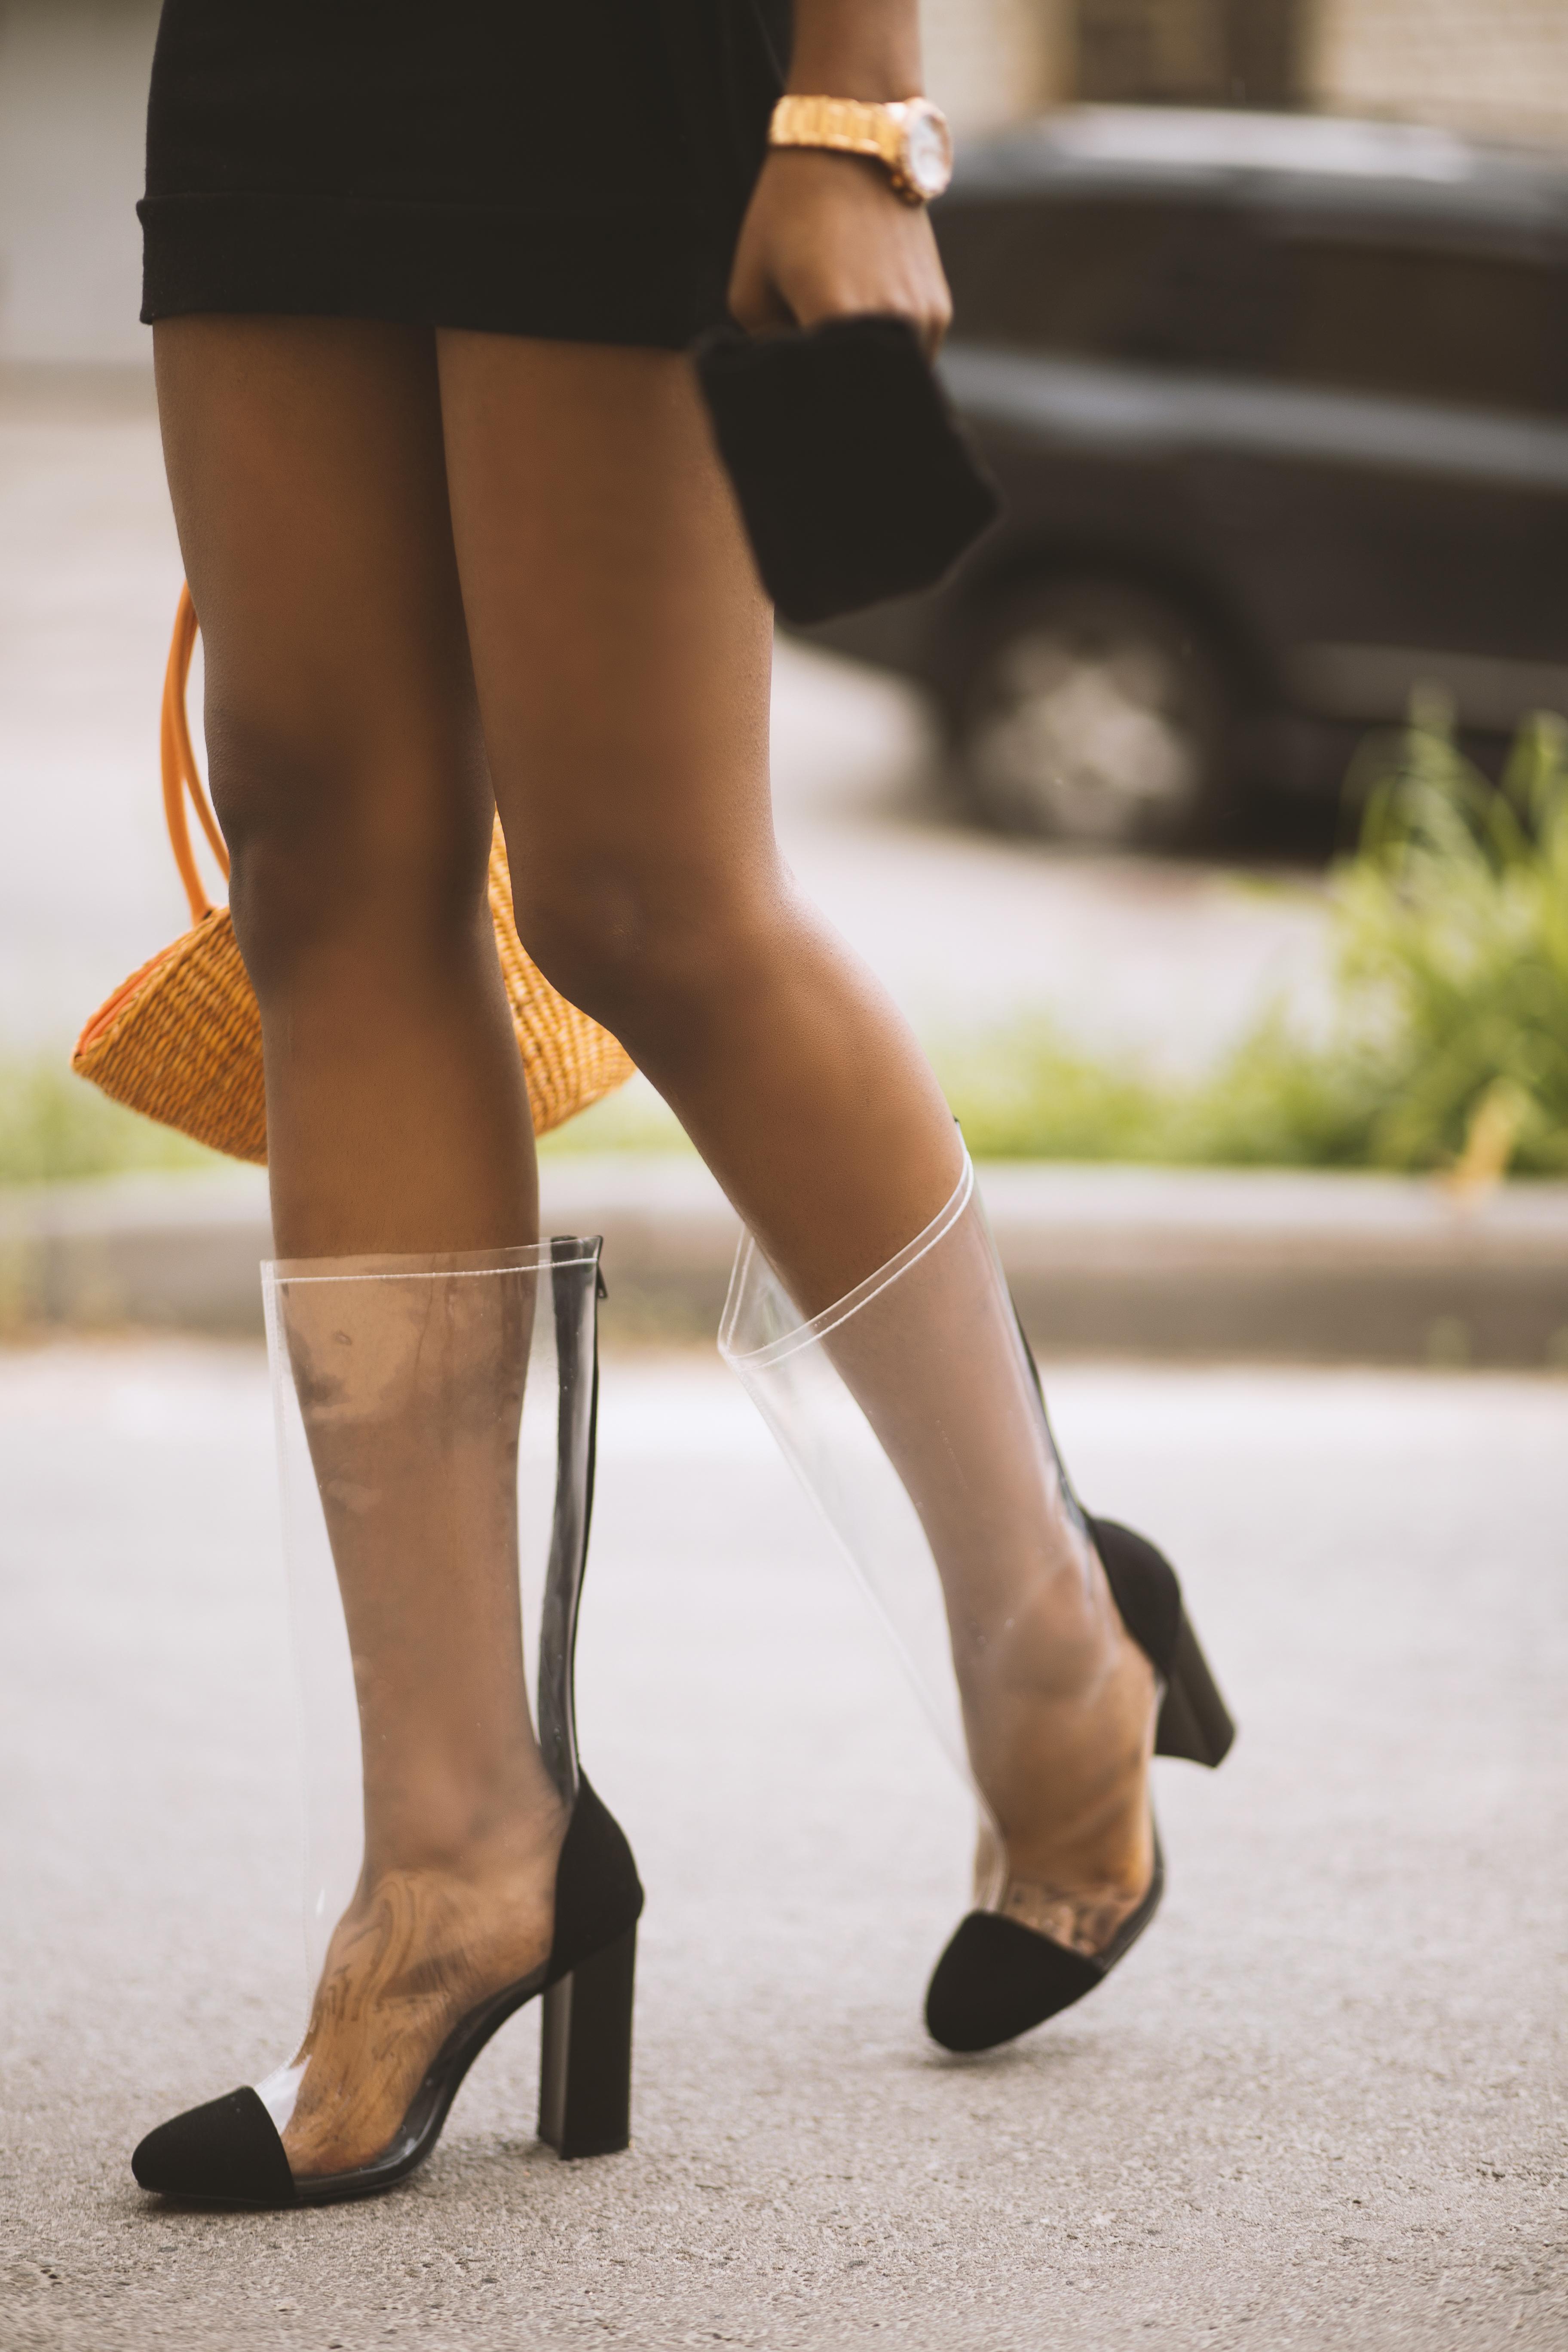 Woman Wearing Clear Plastic Heels